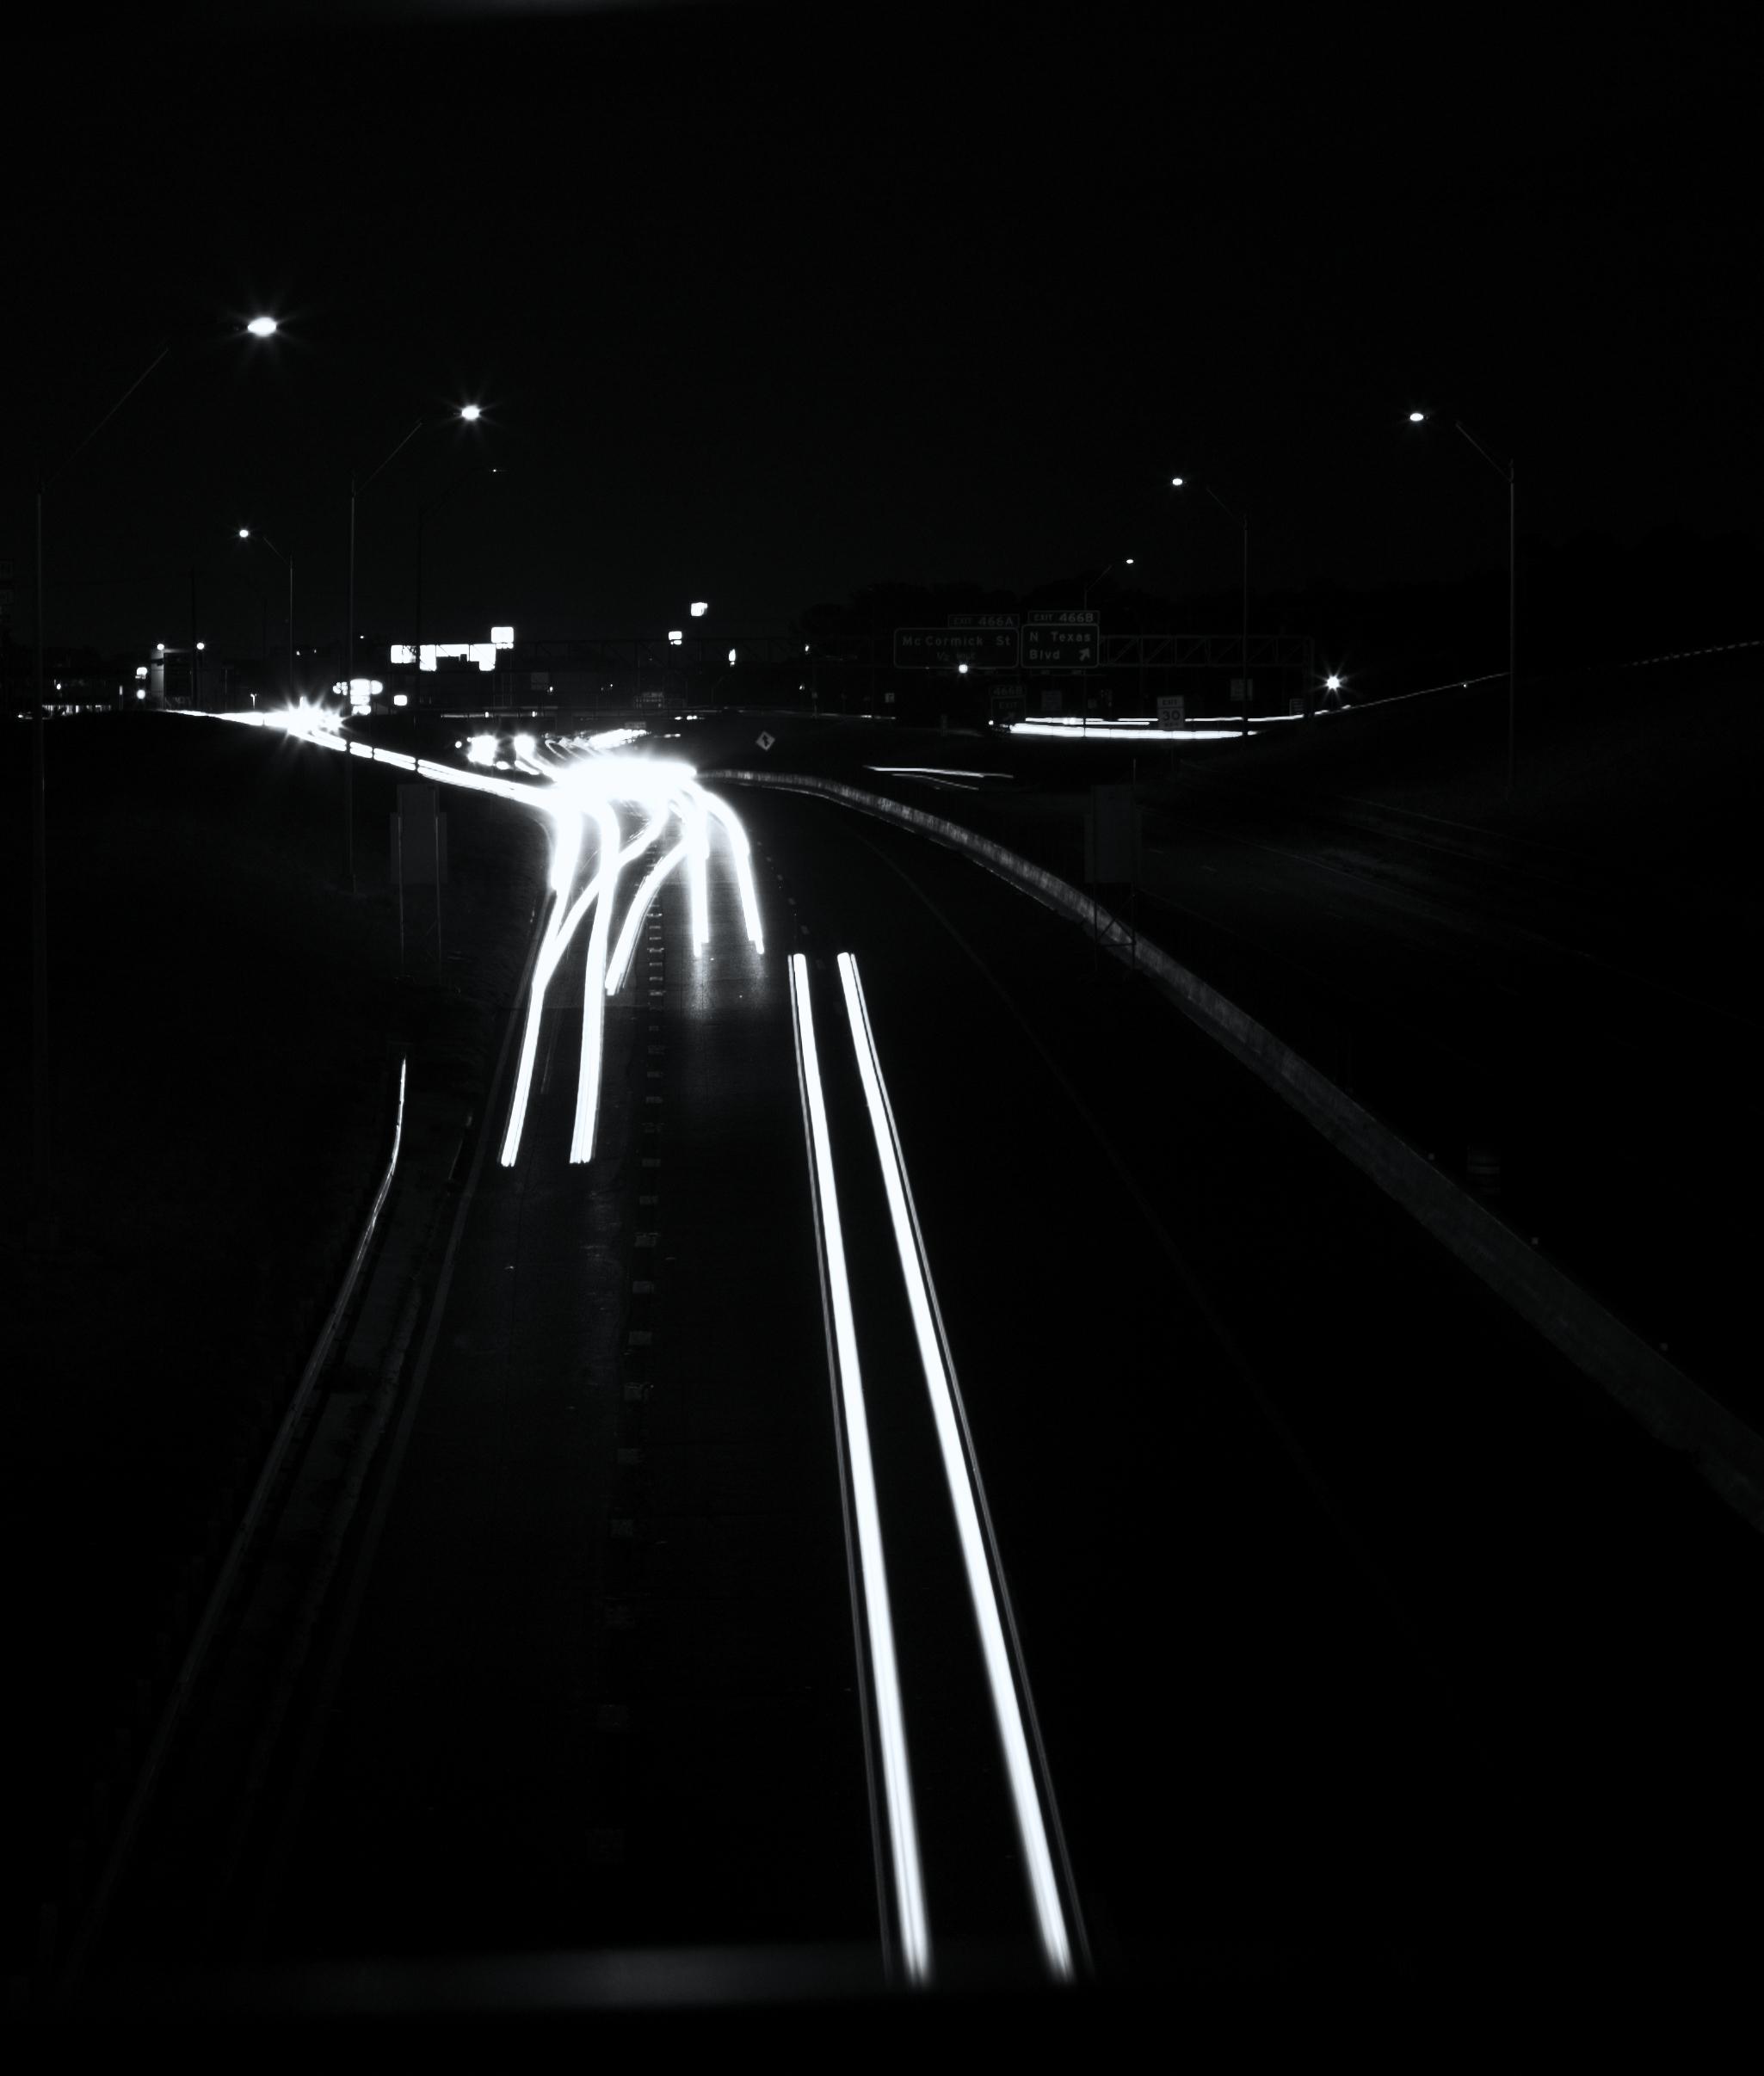 35 At Night #4 by DeepSlackerJazz